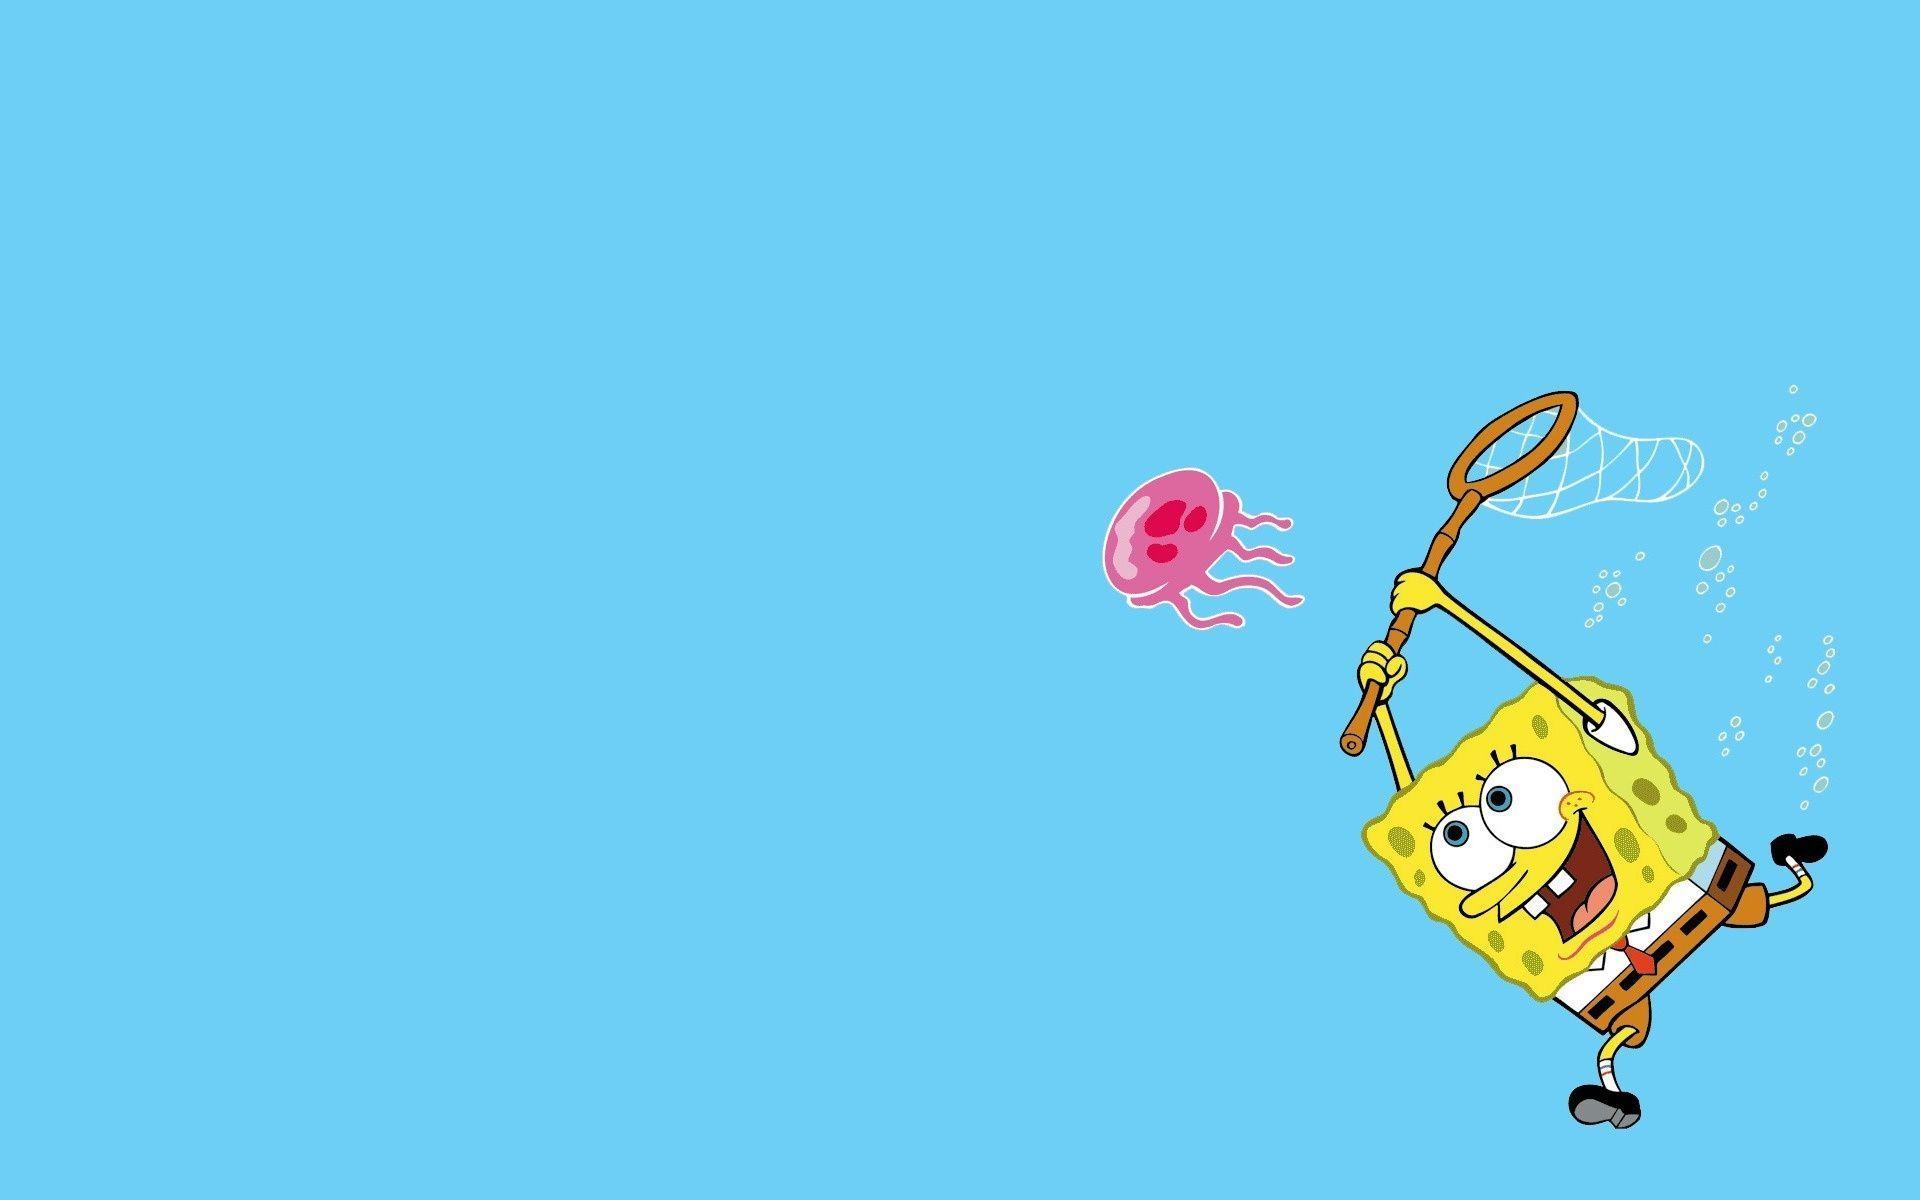 1920x1200 Spongebob Squarepants Hình nền 49597 1920x1200 px